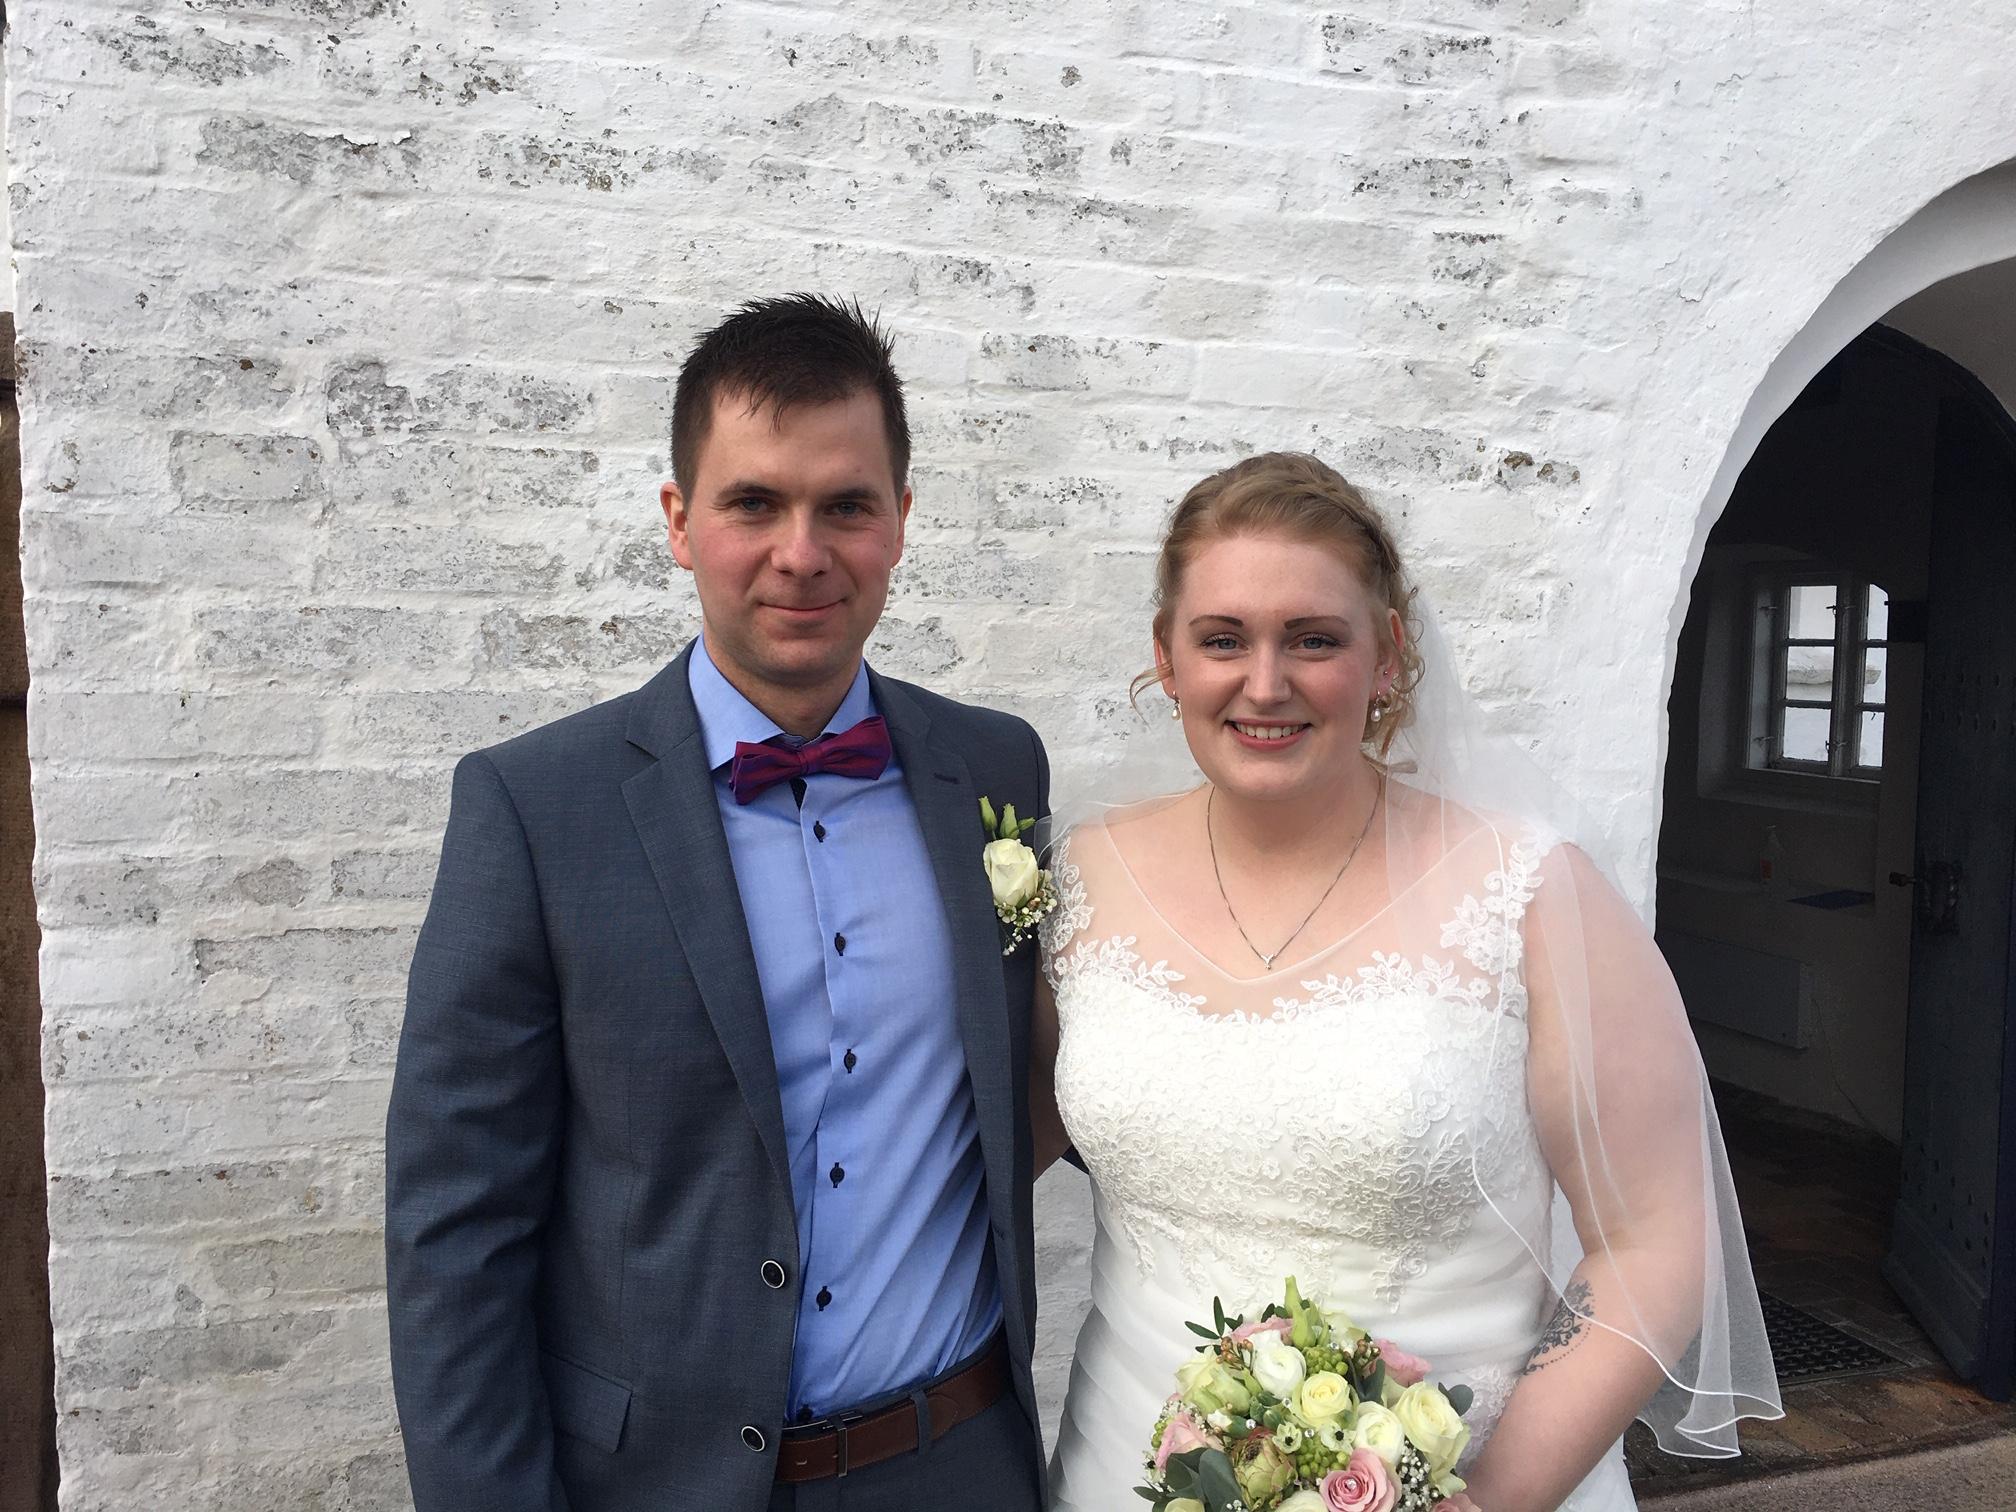 Vielse-7. marts 2020  i Albæk kirke: Peter Højen-Sørensen og Jeanette Østergaard Trangeled